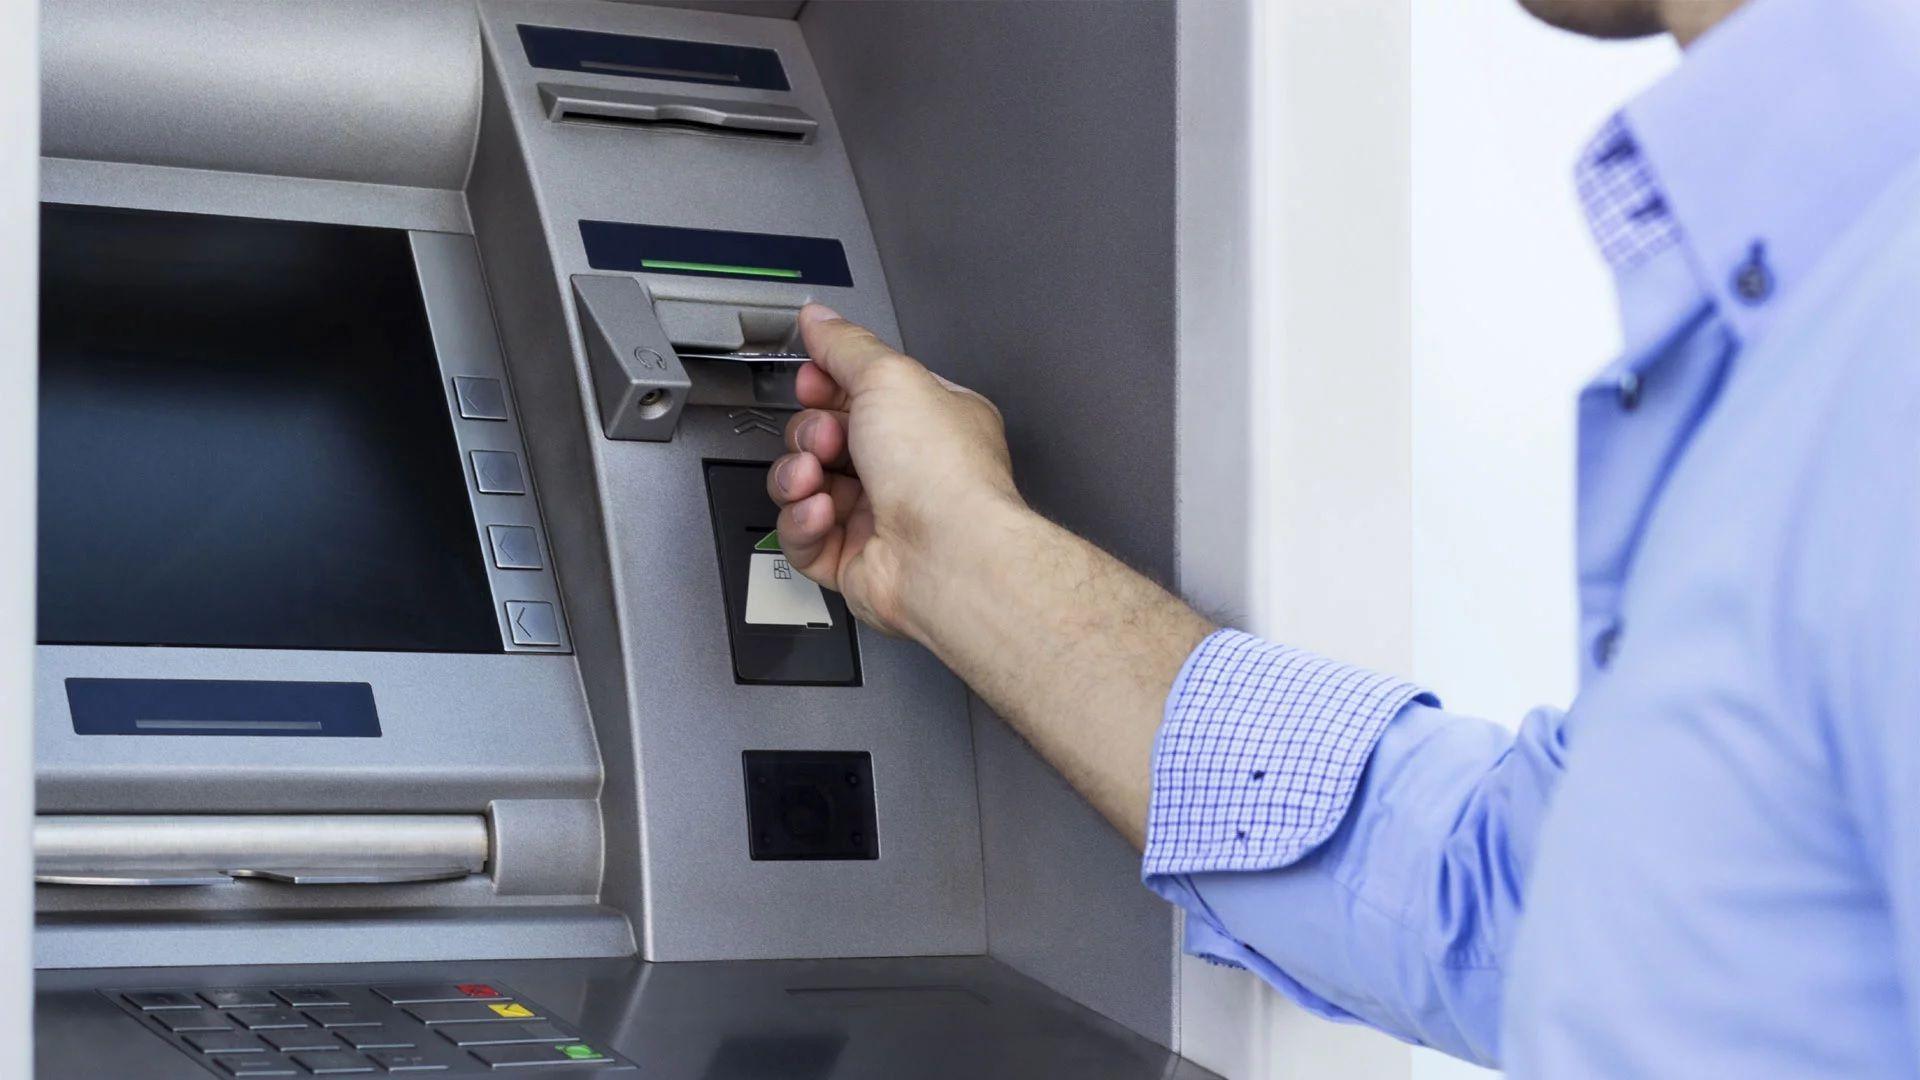 Aumenta el secuestro y robo a tarjetahabientes